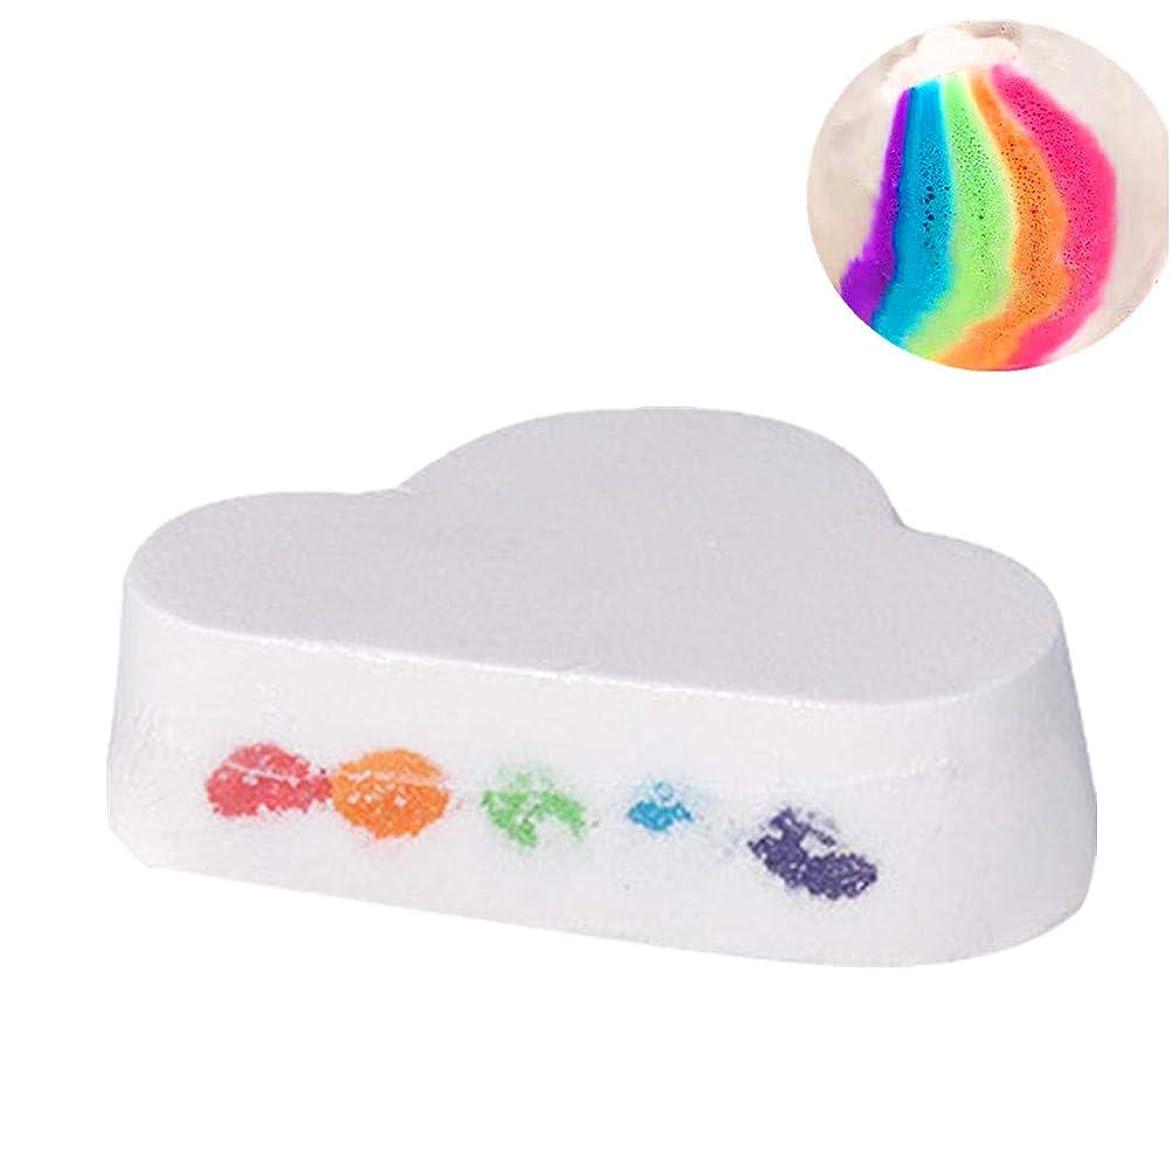 入るコジオスコ利益レインボー クラウド 入浴ボール 入浴剤 風呂泡の泡立った浮遊物 虹色 女性用保湿スキンギフト